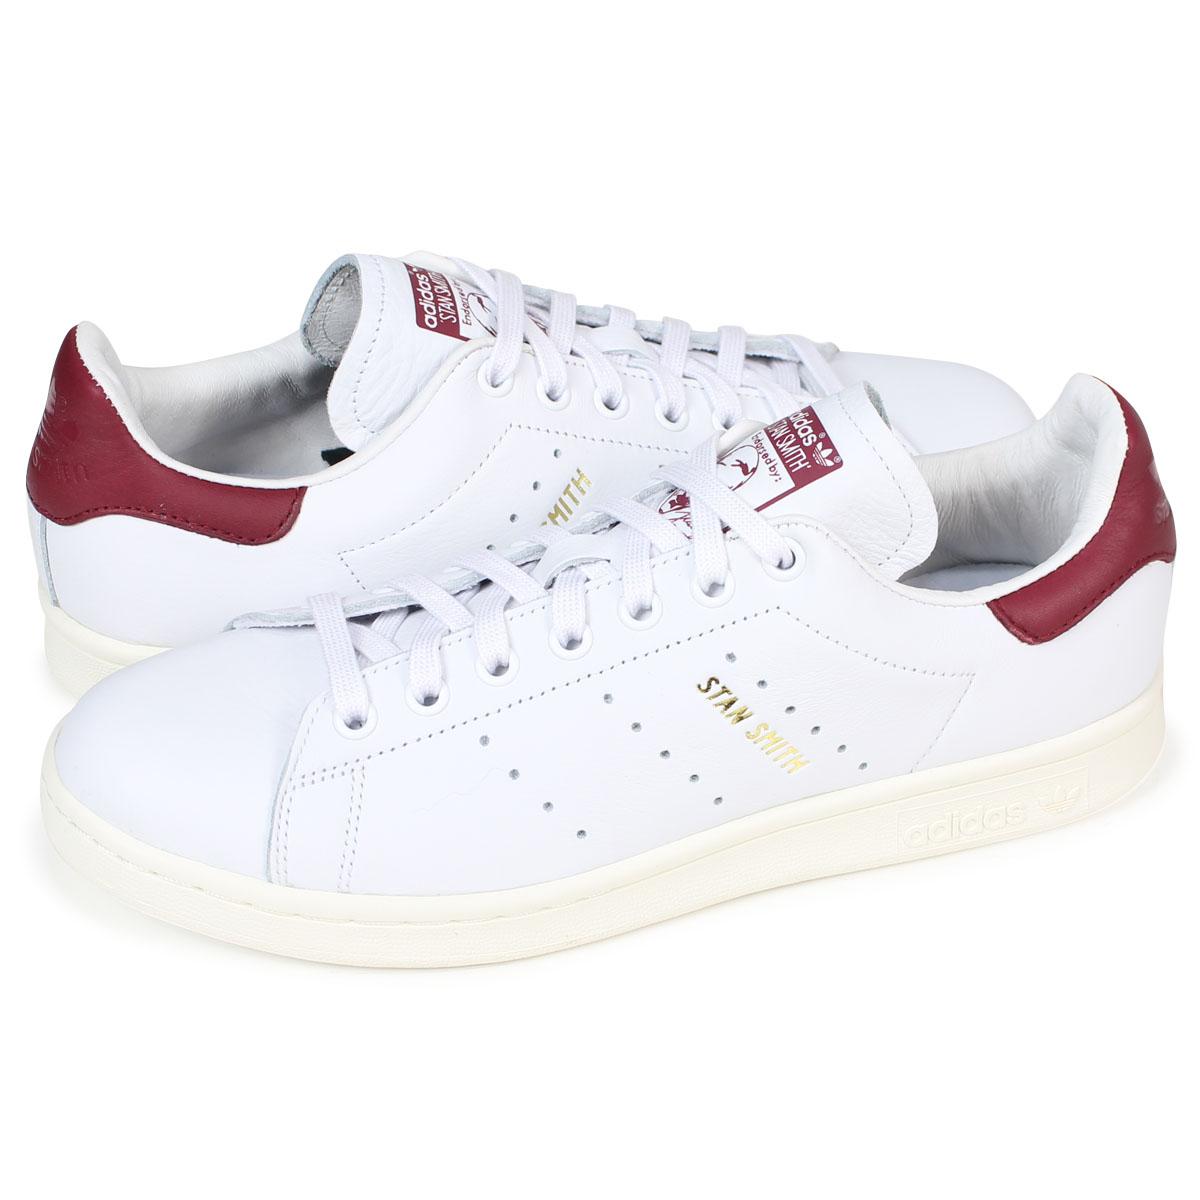 Adidas originals Stan Smith Blanche Et Rose Bébé 26 12 pas cher Achat Vente Chaussures, chaussons dnOvmr7r